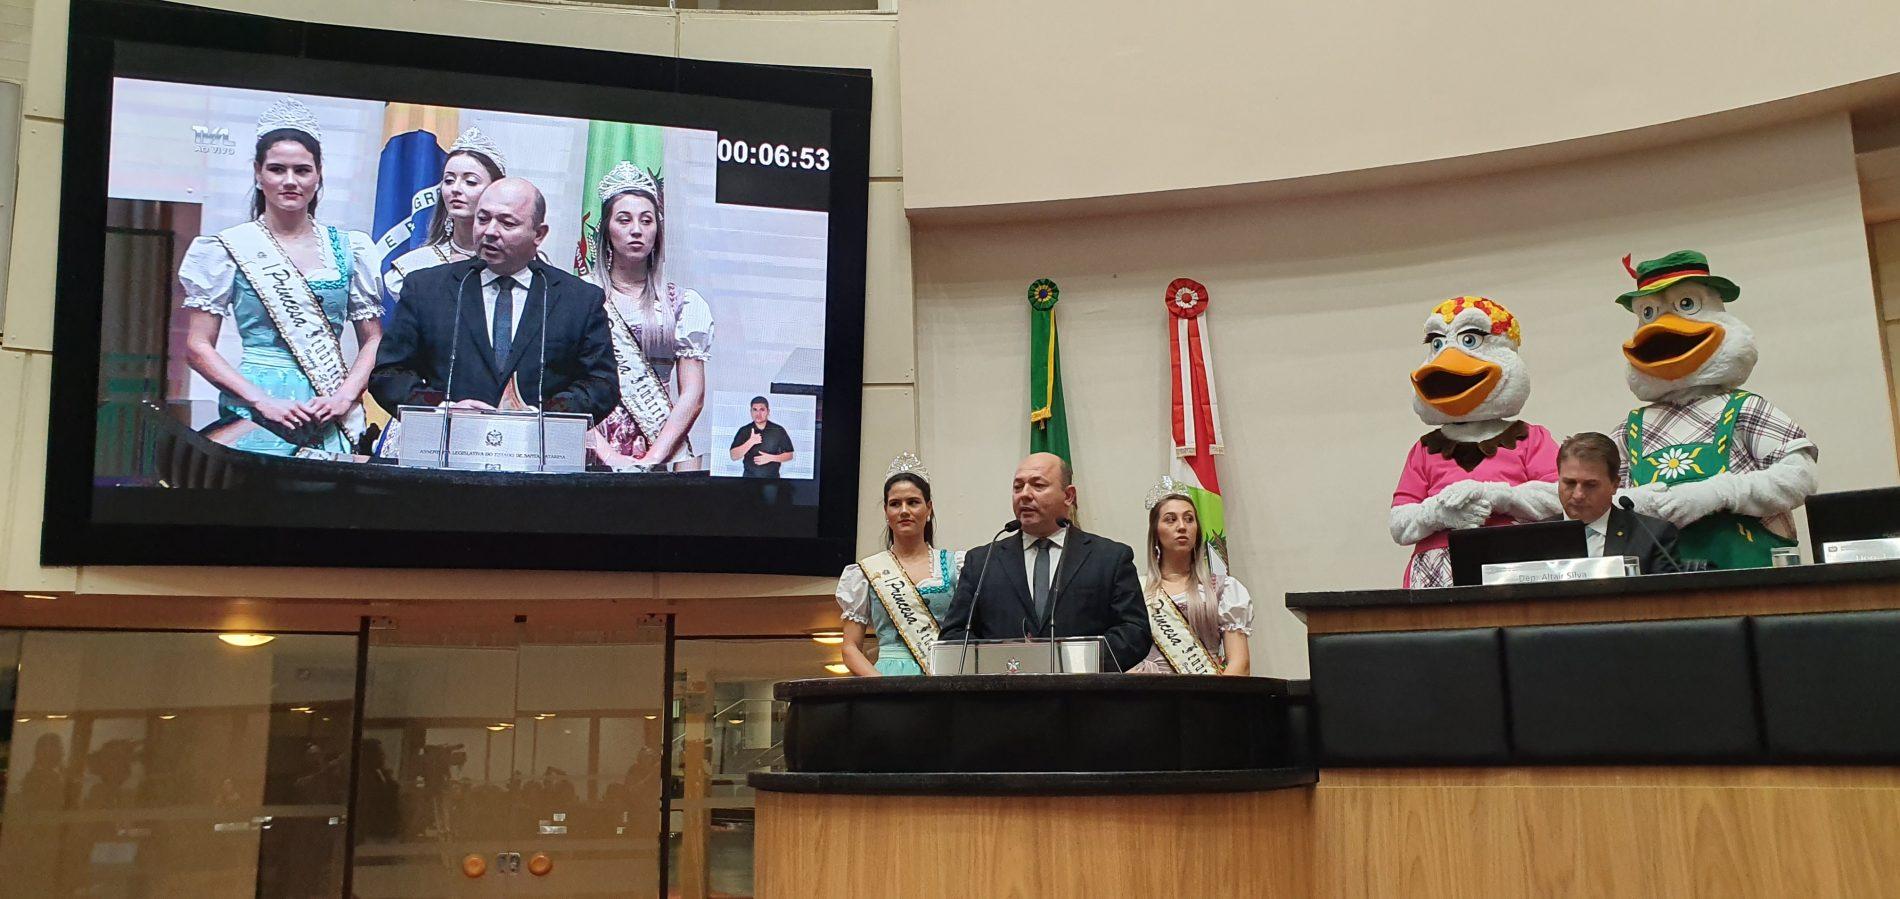 Fenarreco recebe espaço para divulgação durante sessão na Assembleia Legislativa de Santa Catarina